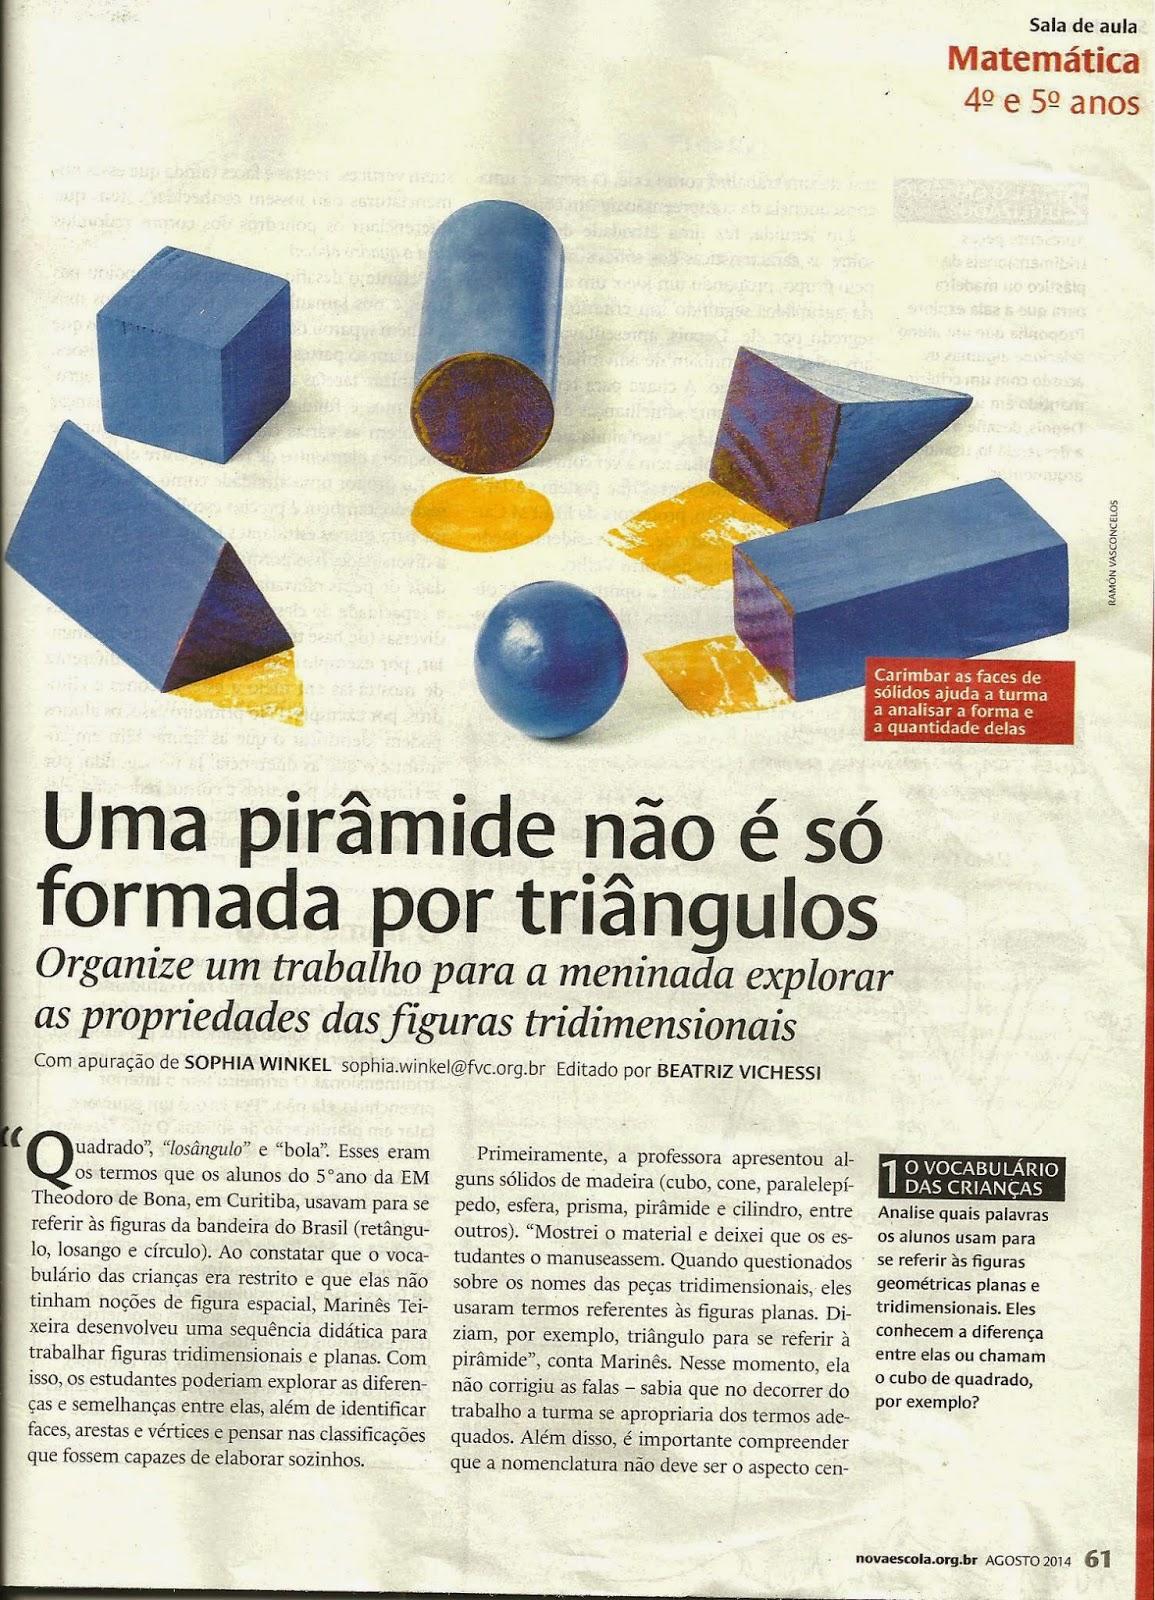 Matéria na Revista Nova Escola - EM Theodoro de Bona